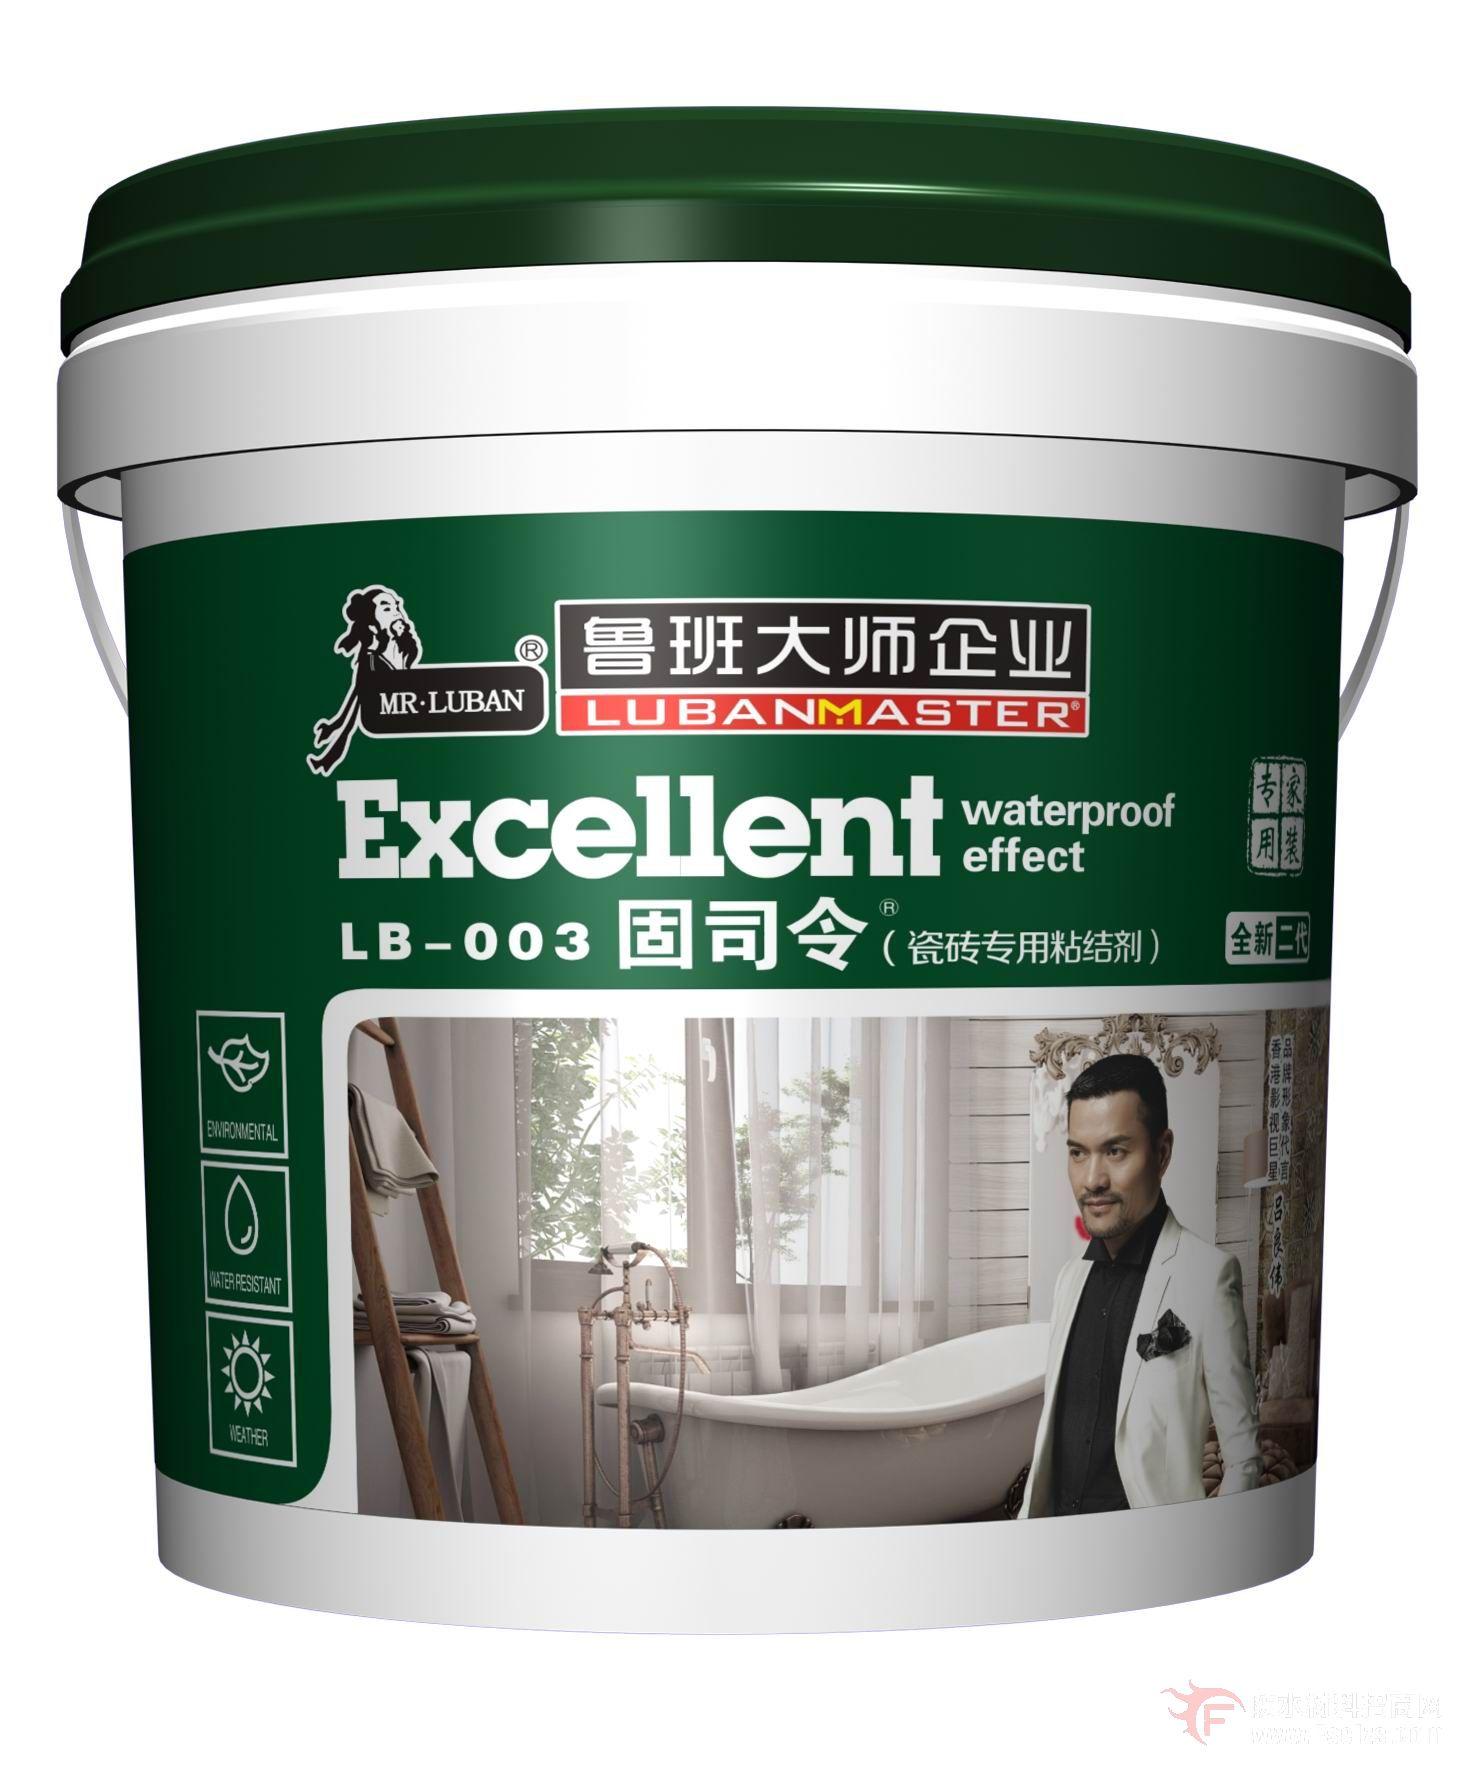 点击查看固司令瓷砖专用粘结剂详细说明